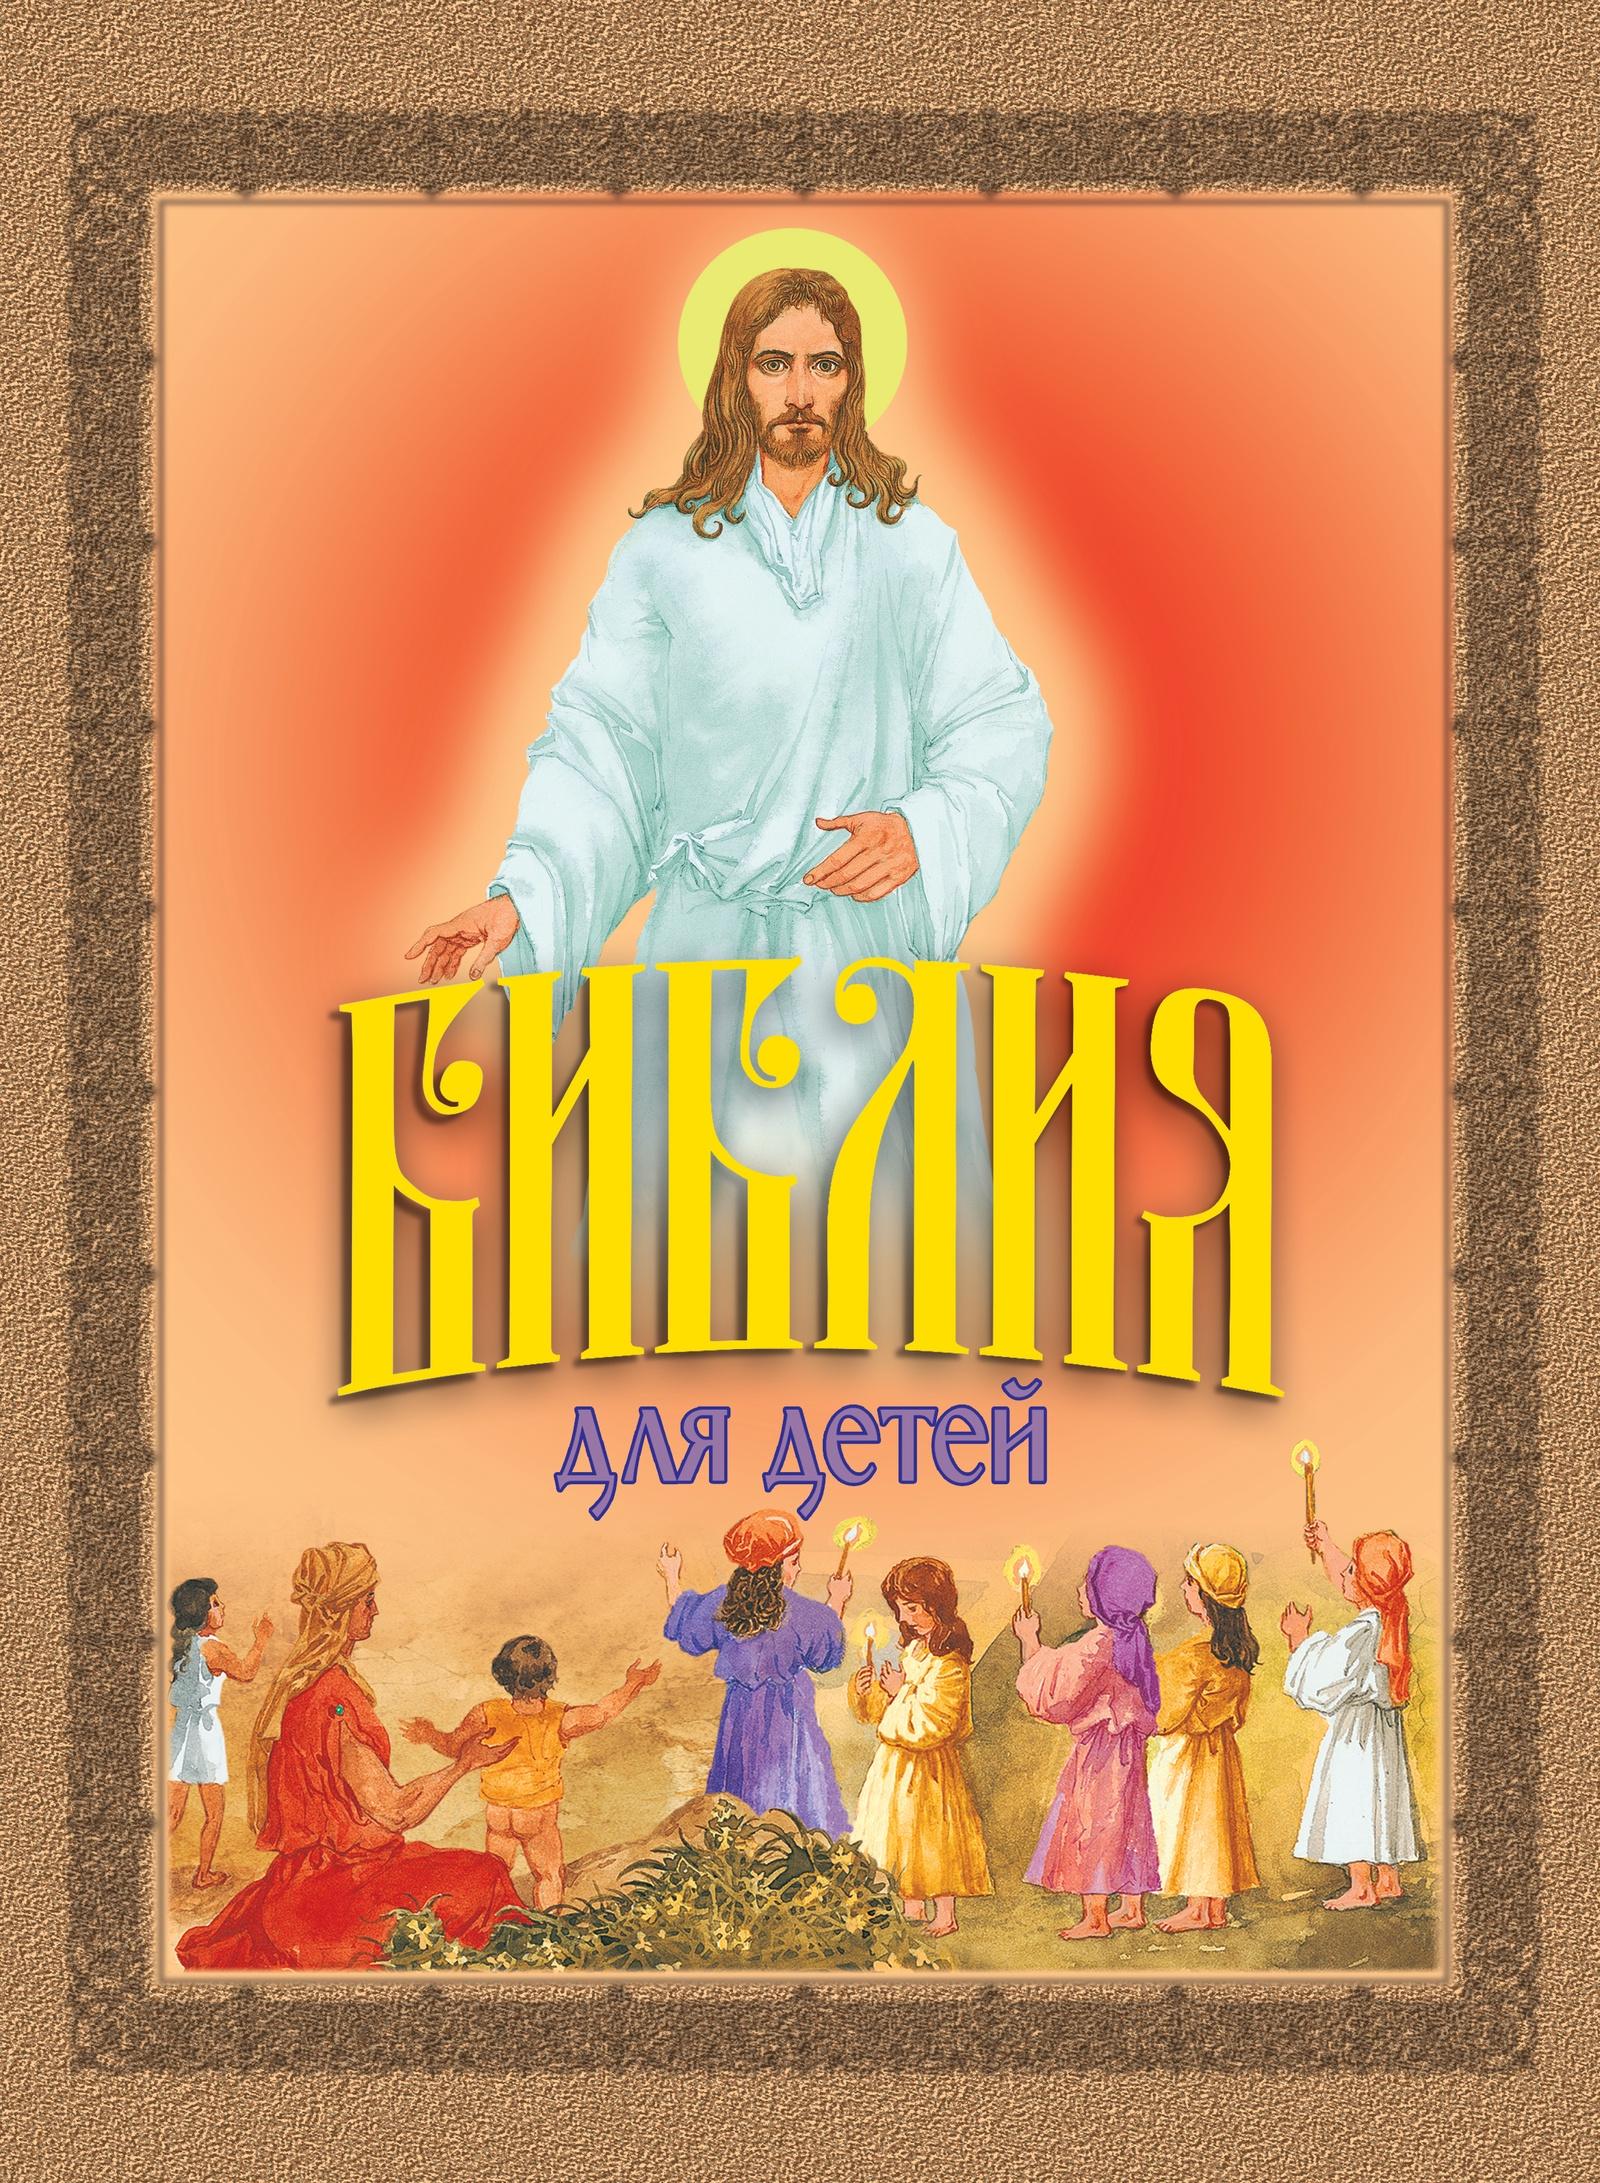 Библия для детей с картинками смотреть онлайн